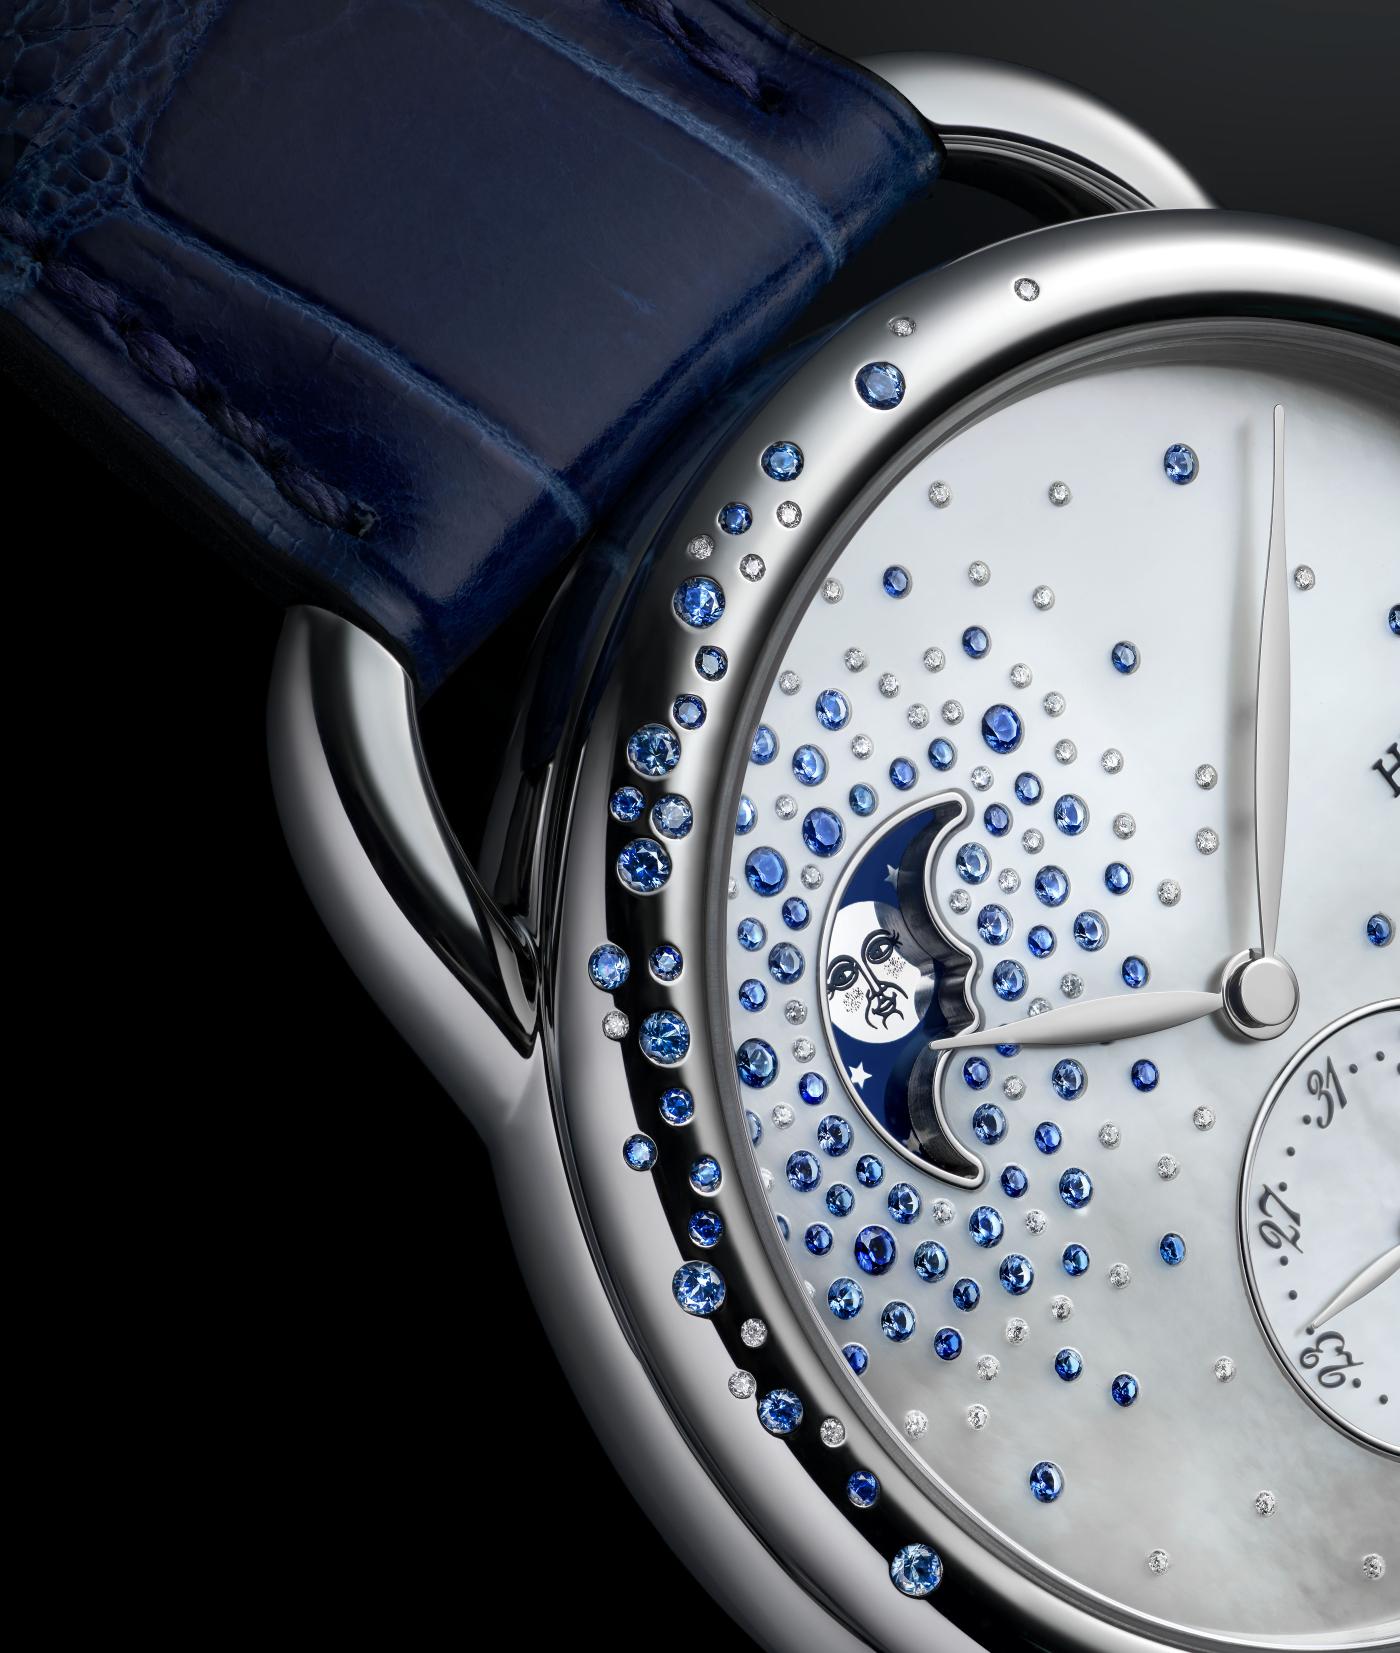 Hermes_arceau_petite_lune_jete_de_diamants_et_saphirs_close_-_europa_star_watch_magazine_2020